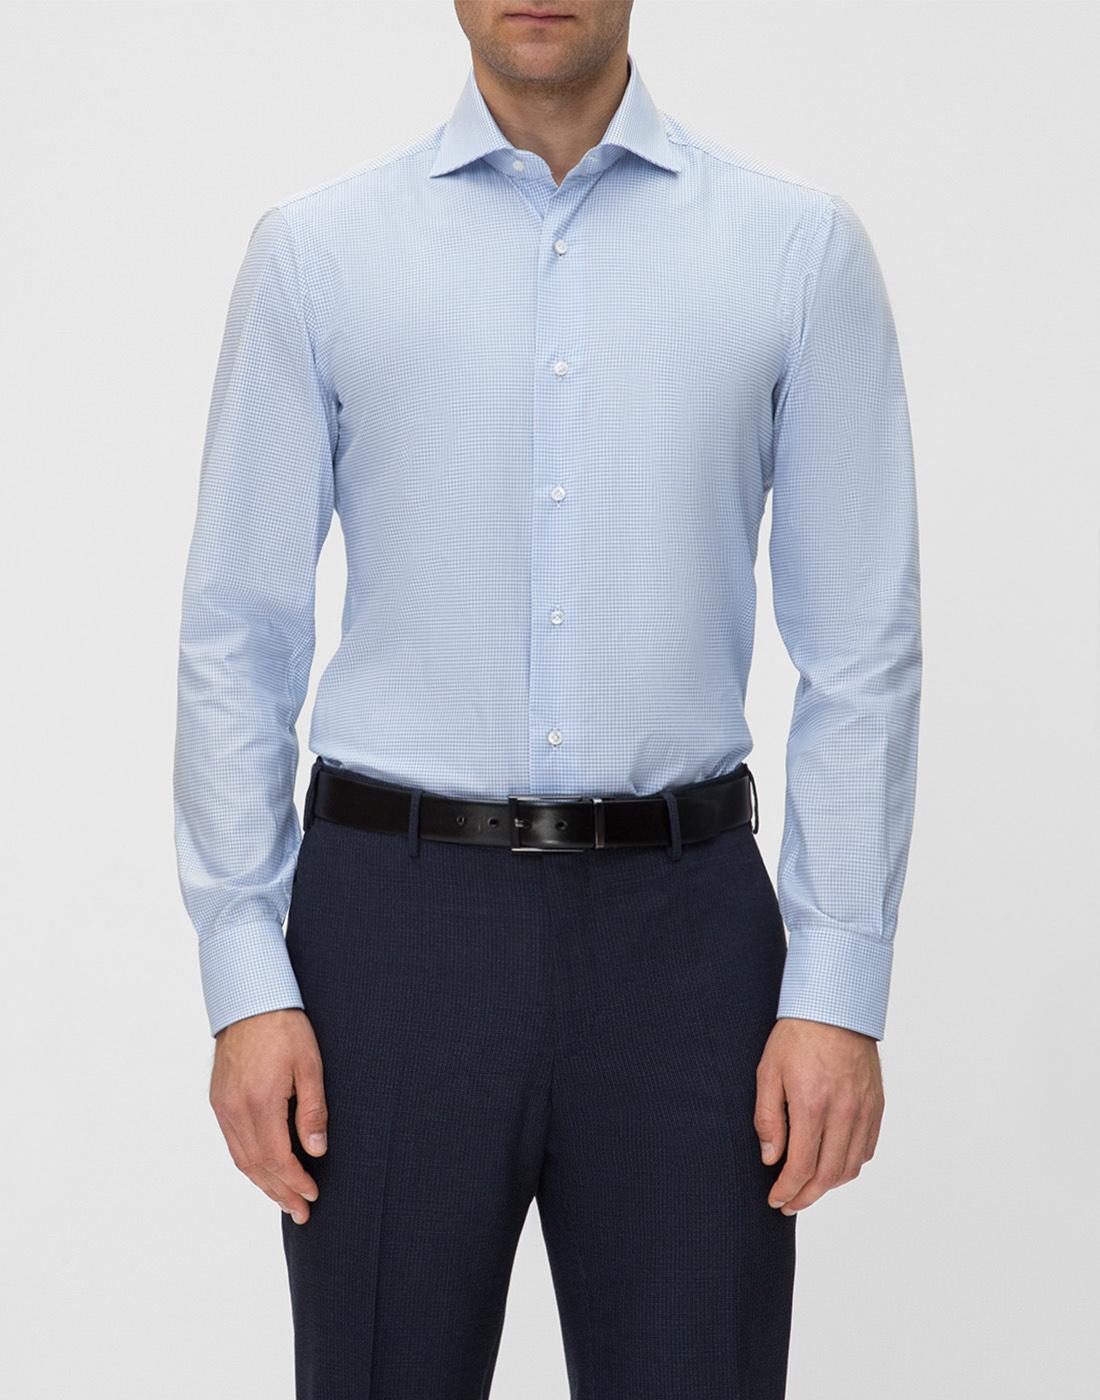 Мужская голубая рубашка в клетку Barba SD4U132593804U-2